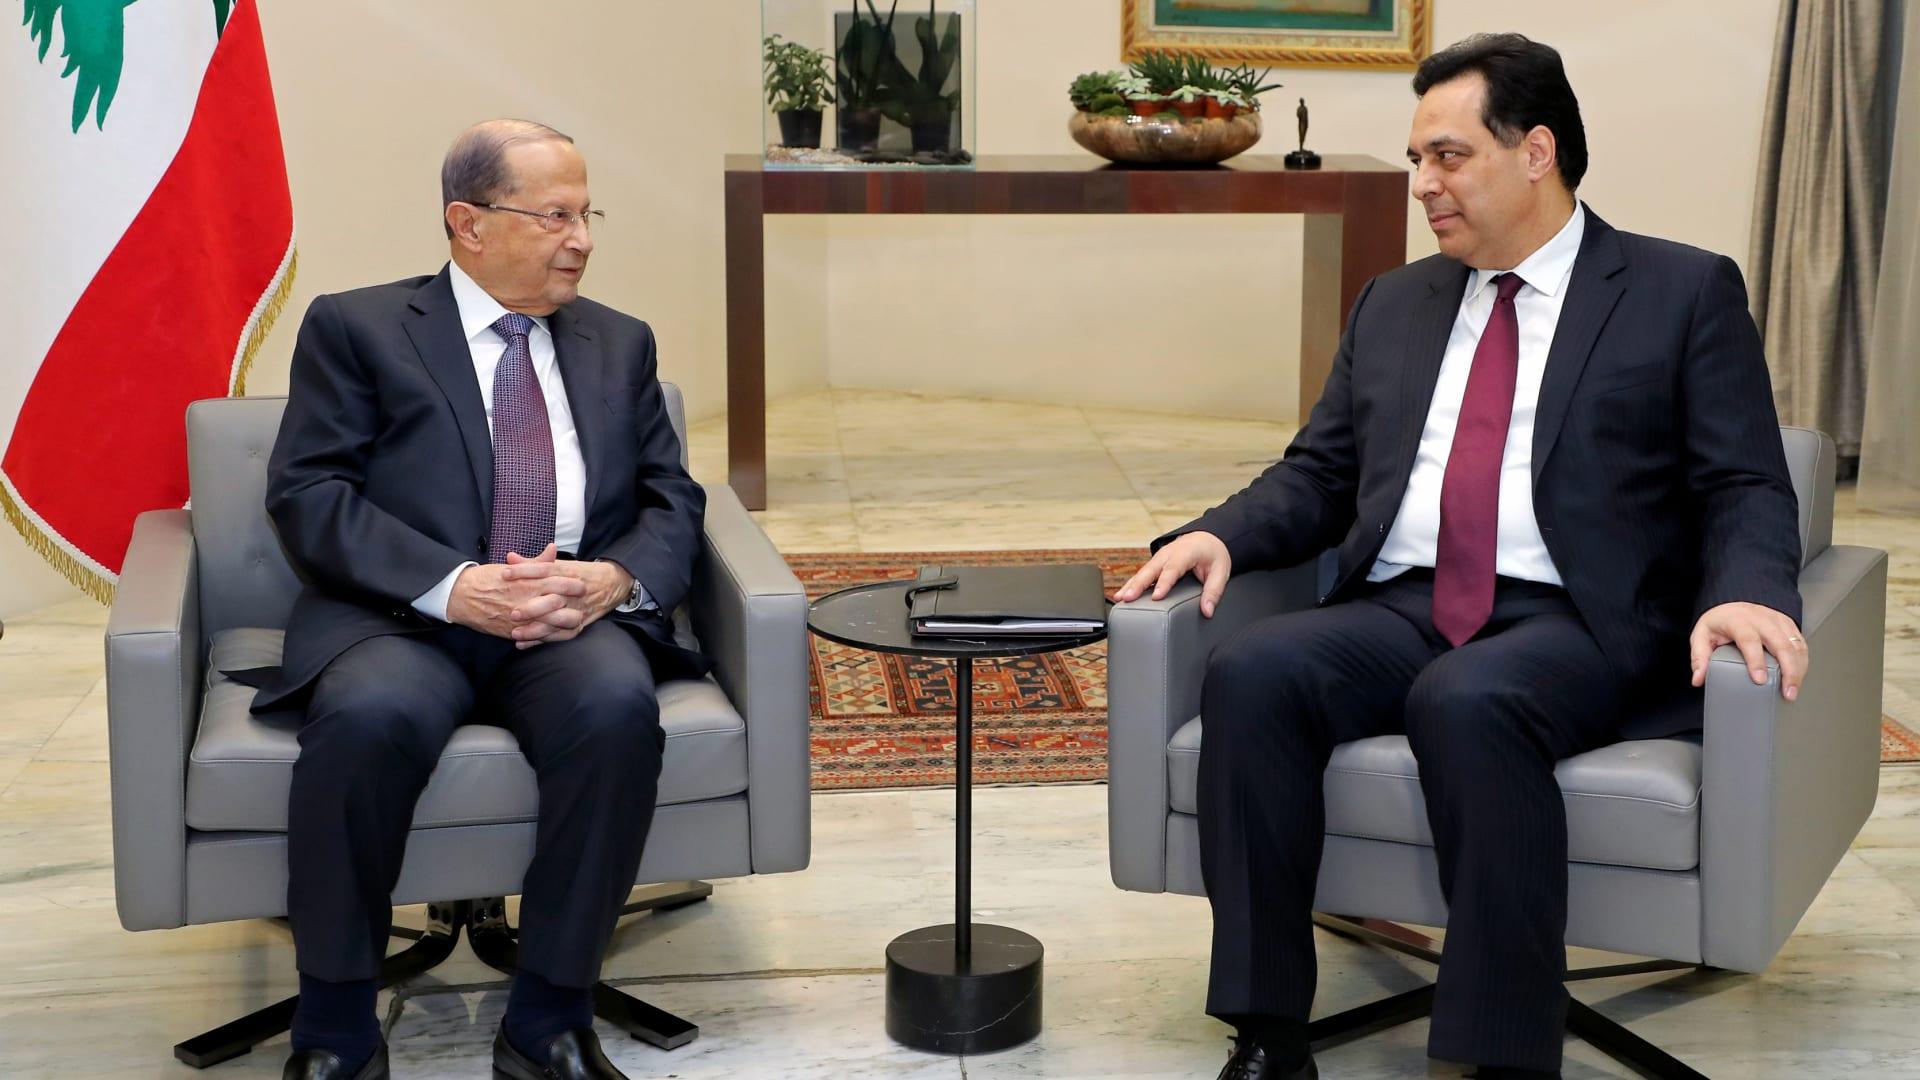 """الرئاسة اللبنانية ترد على تقرير حول """"توبيخ"""" عون لحسان دياب"""